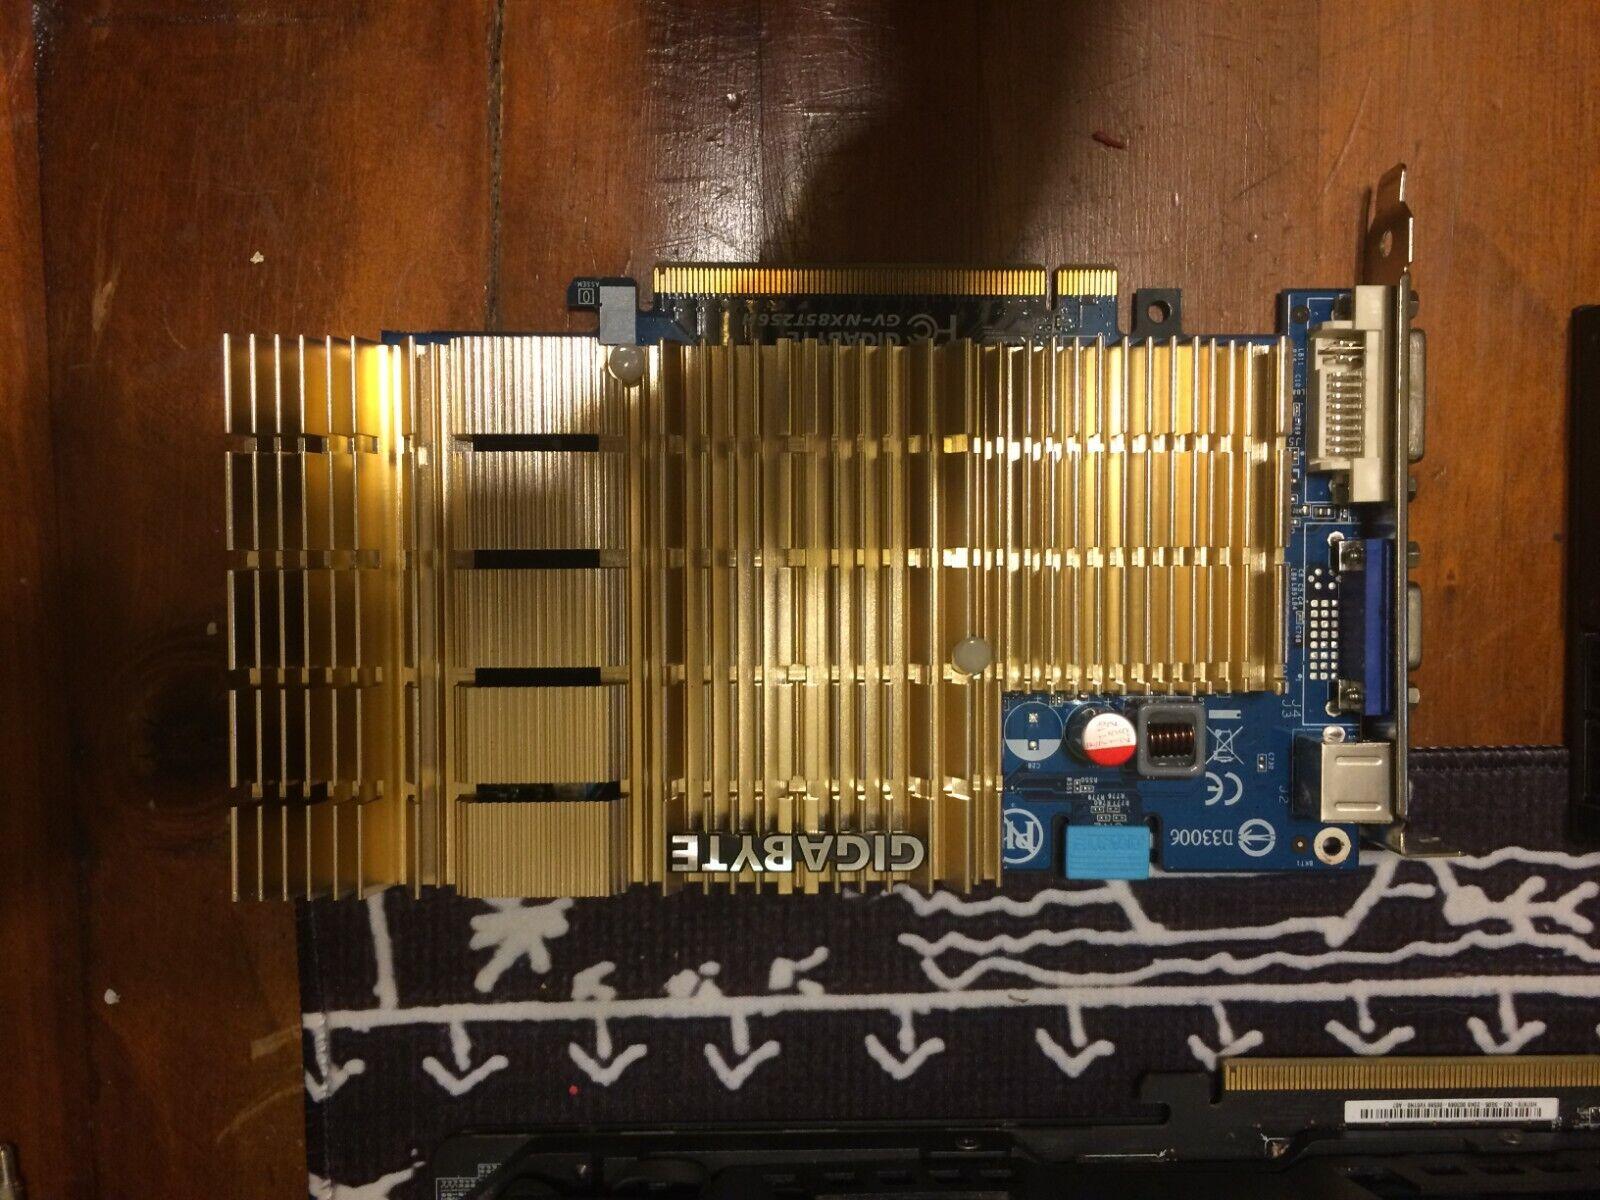 gigabyte gv-nx85t256h Silent Graphics Card 512MB GDDR2